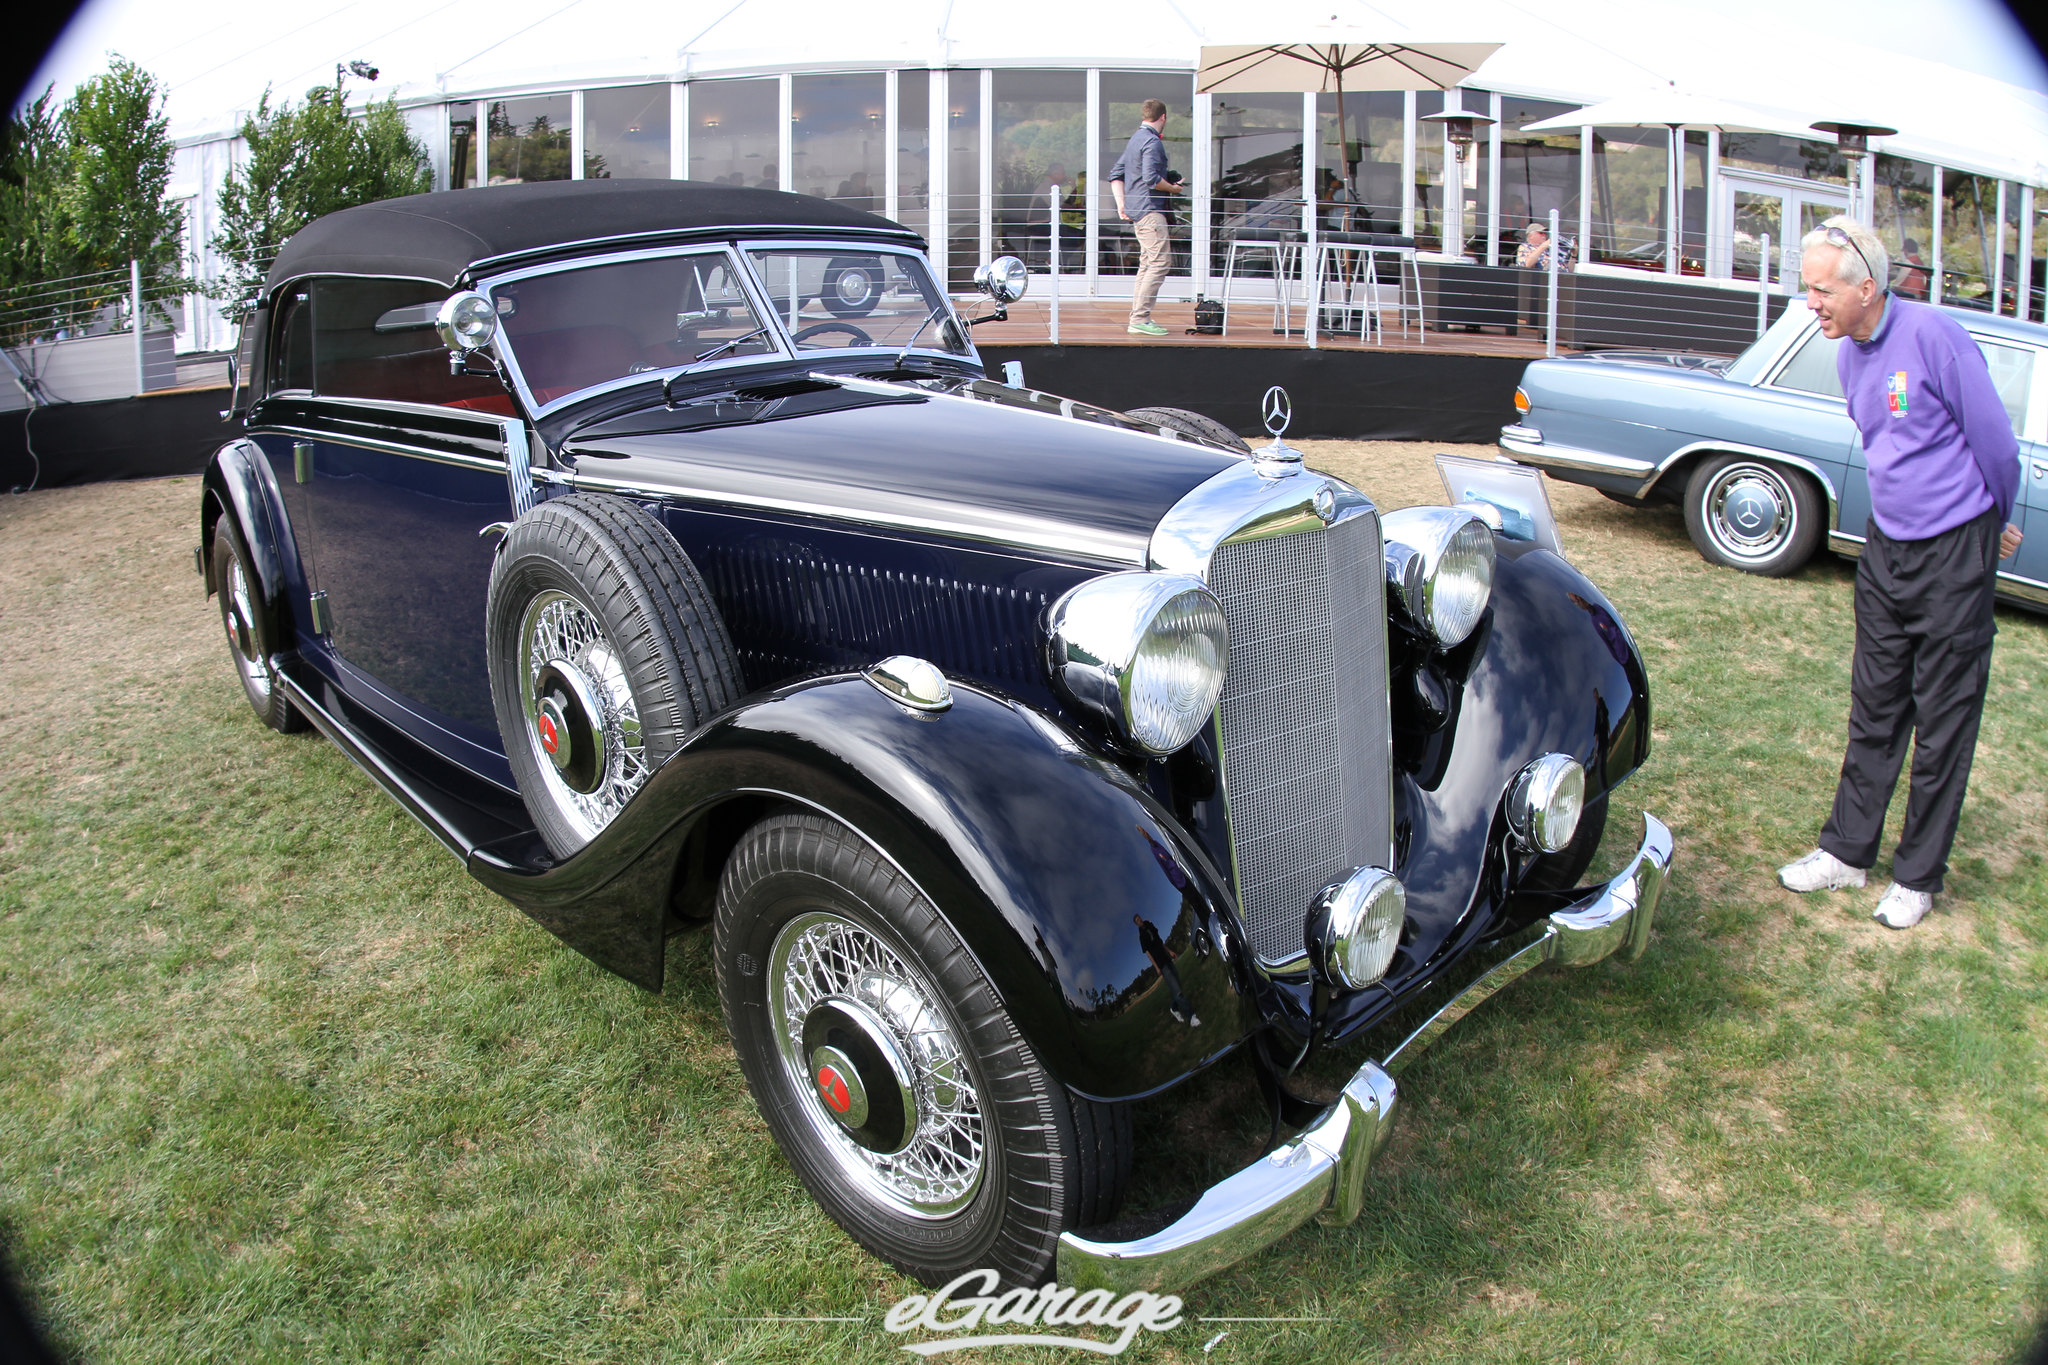 7828721708 2bb93896a2 k Mercedes Benz Classic